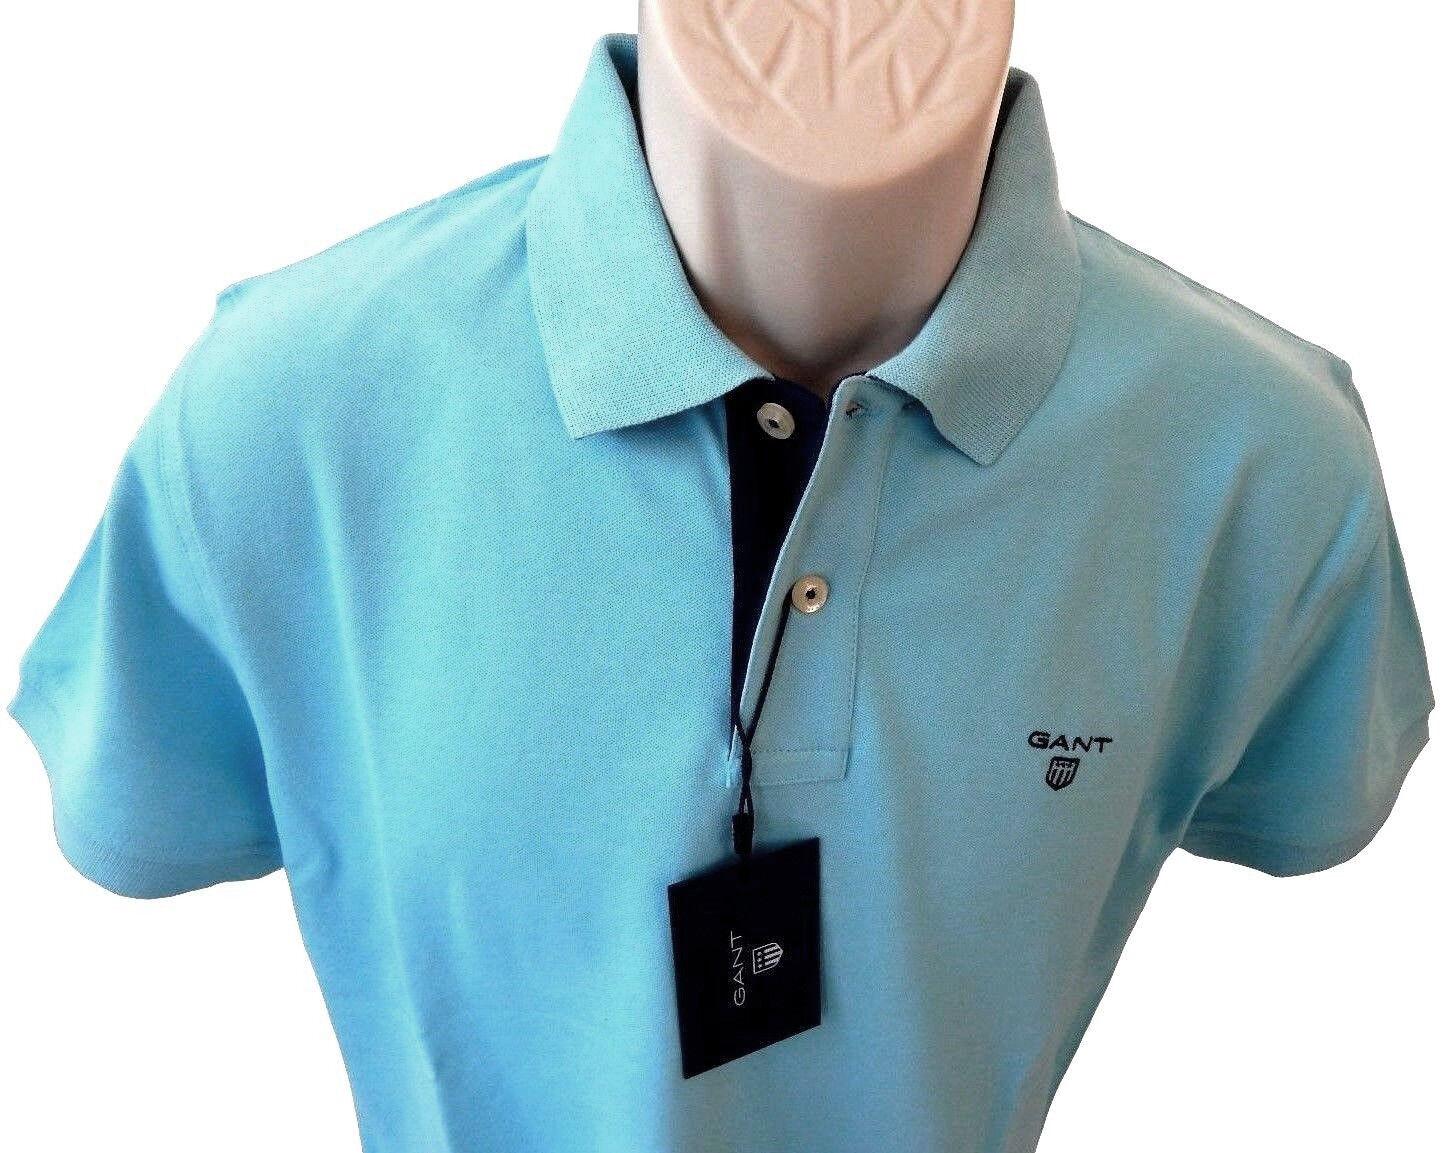 NEU Herrenmode Herren Gant Poloshirt, Topaz Blau, Gr. S, XL, XXL     | Wir haben von unseren Kunden Lob erhalten.